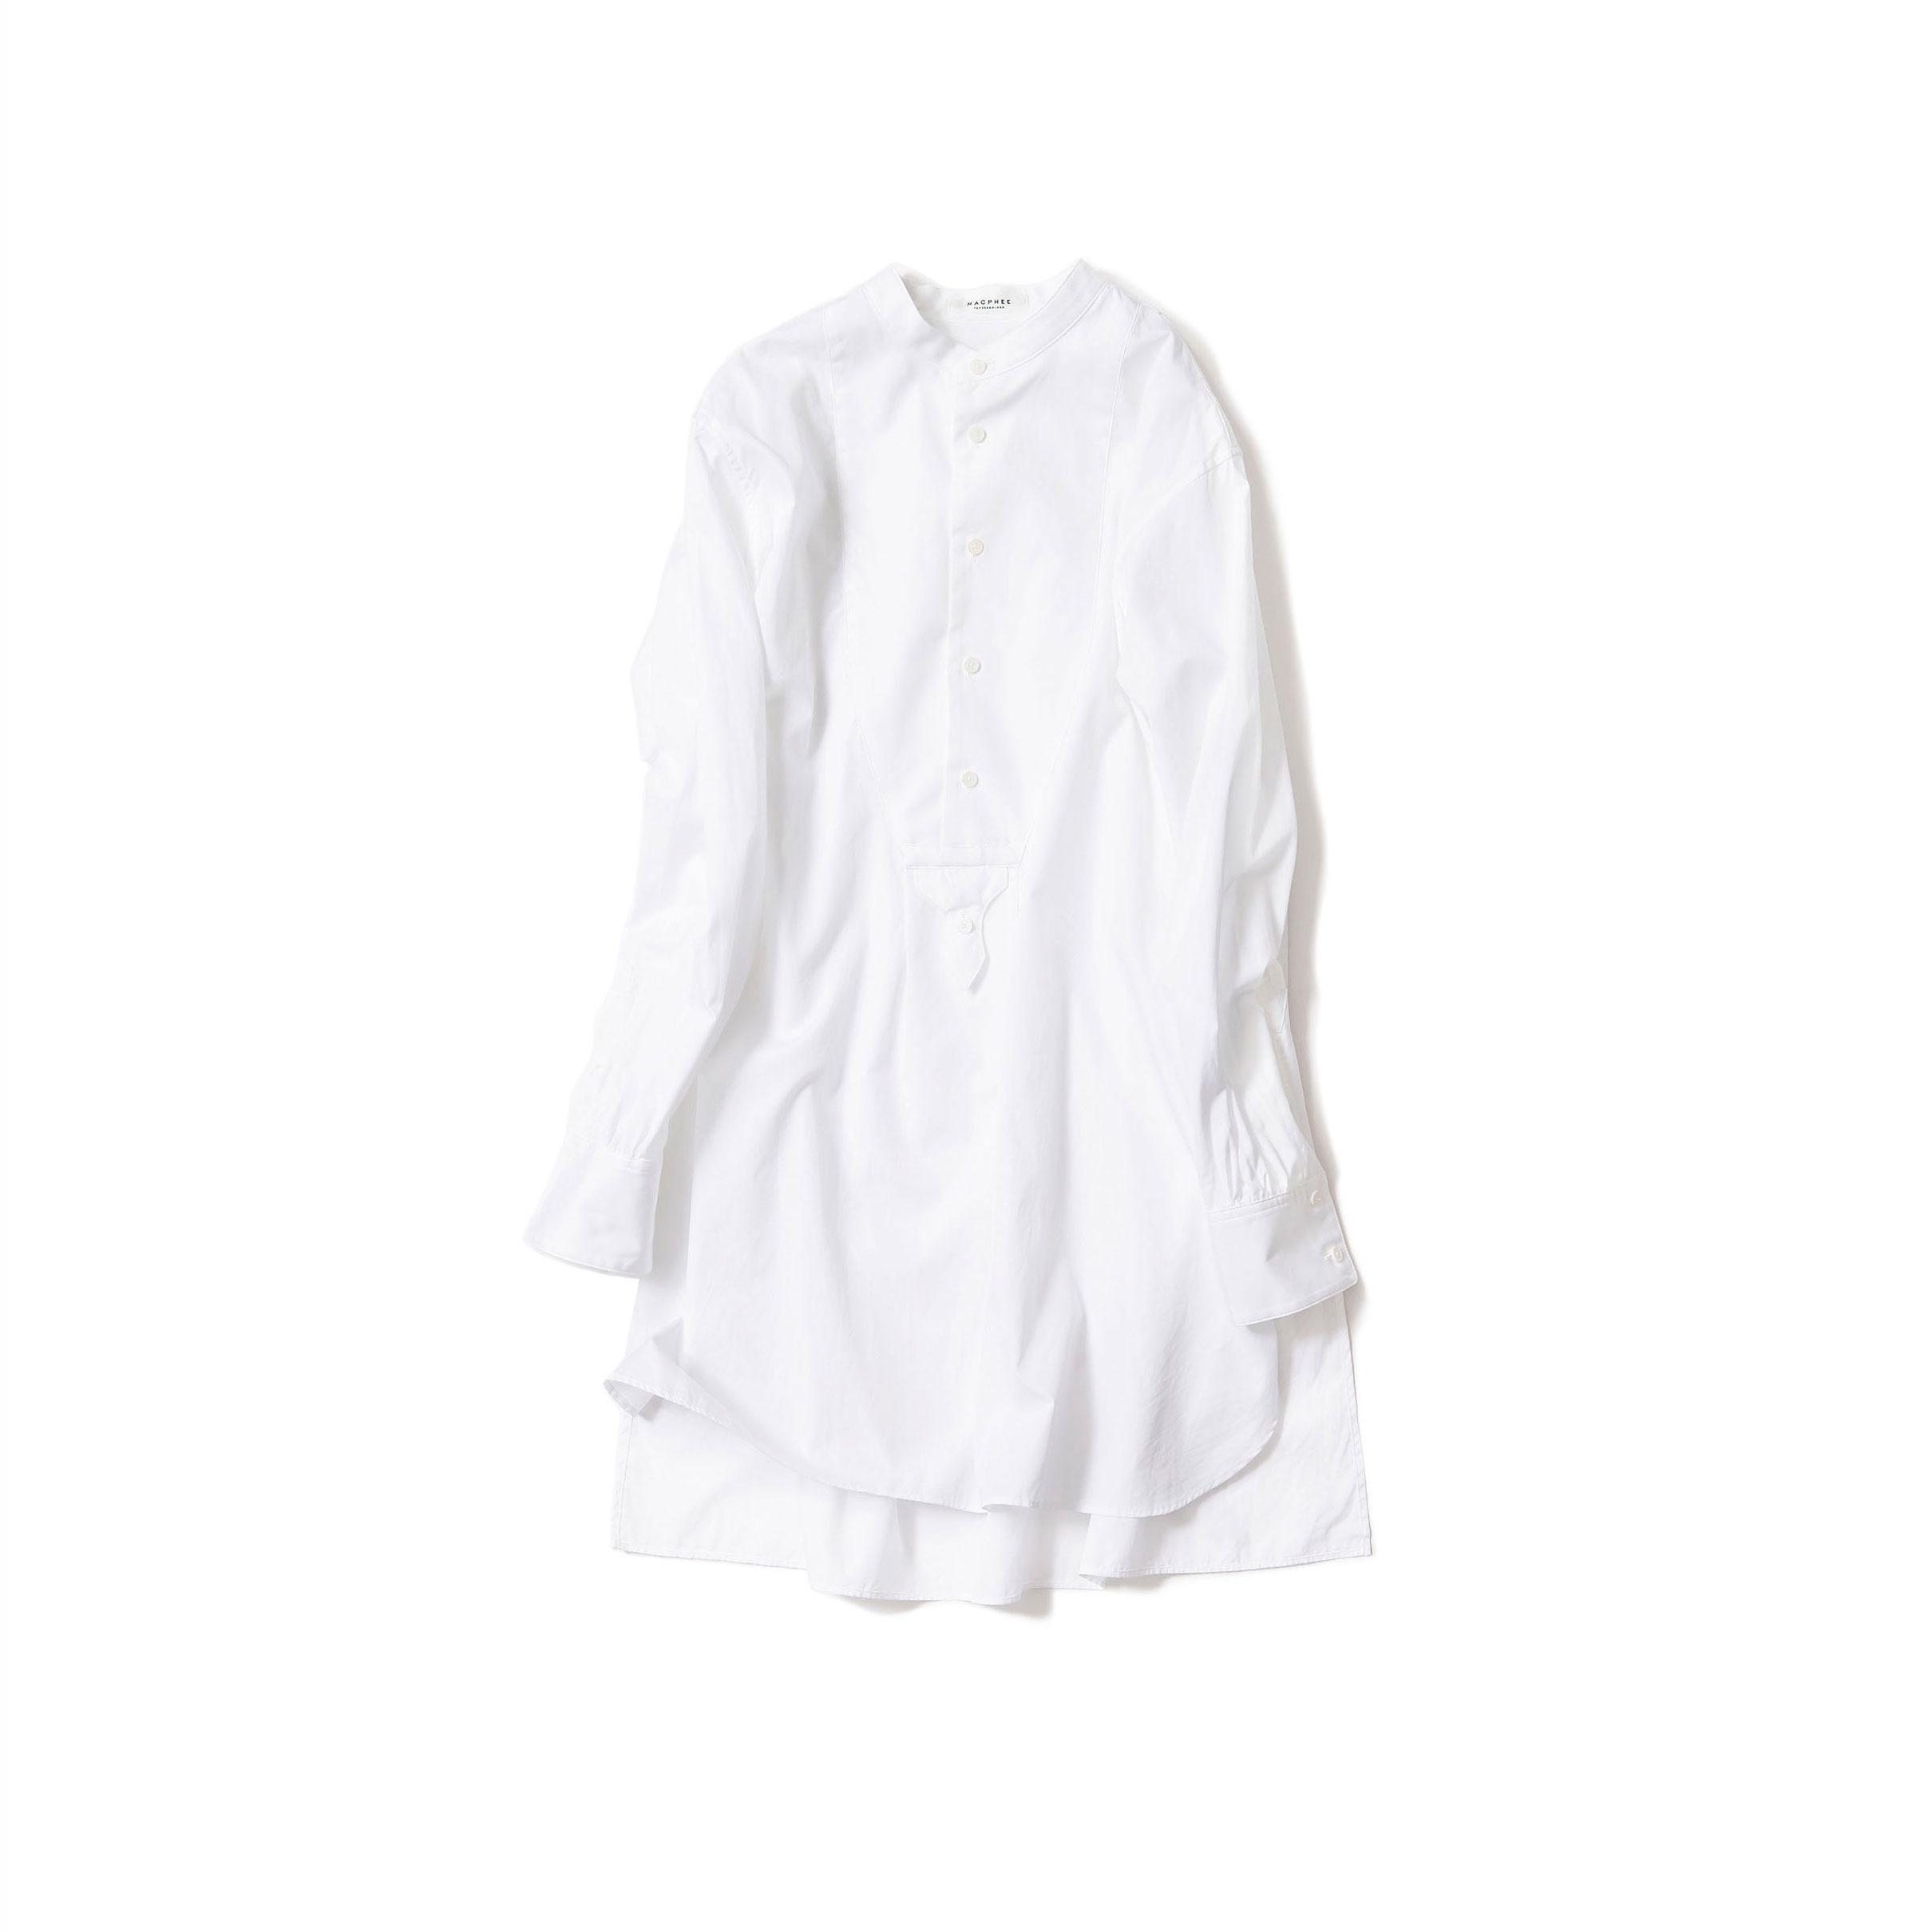 ドレスシャツ・ホワイト